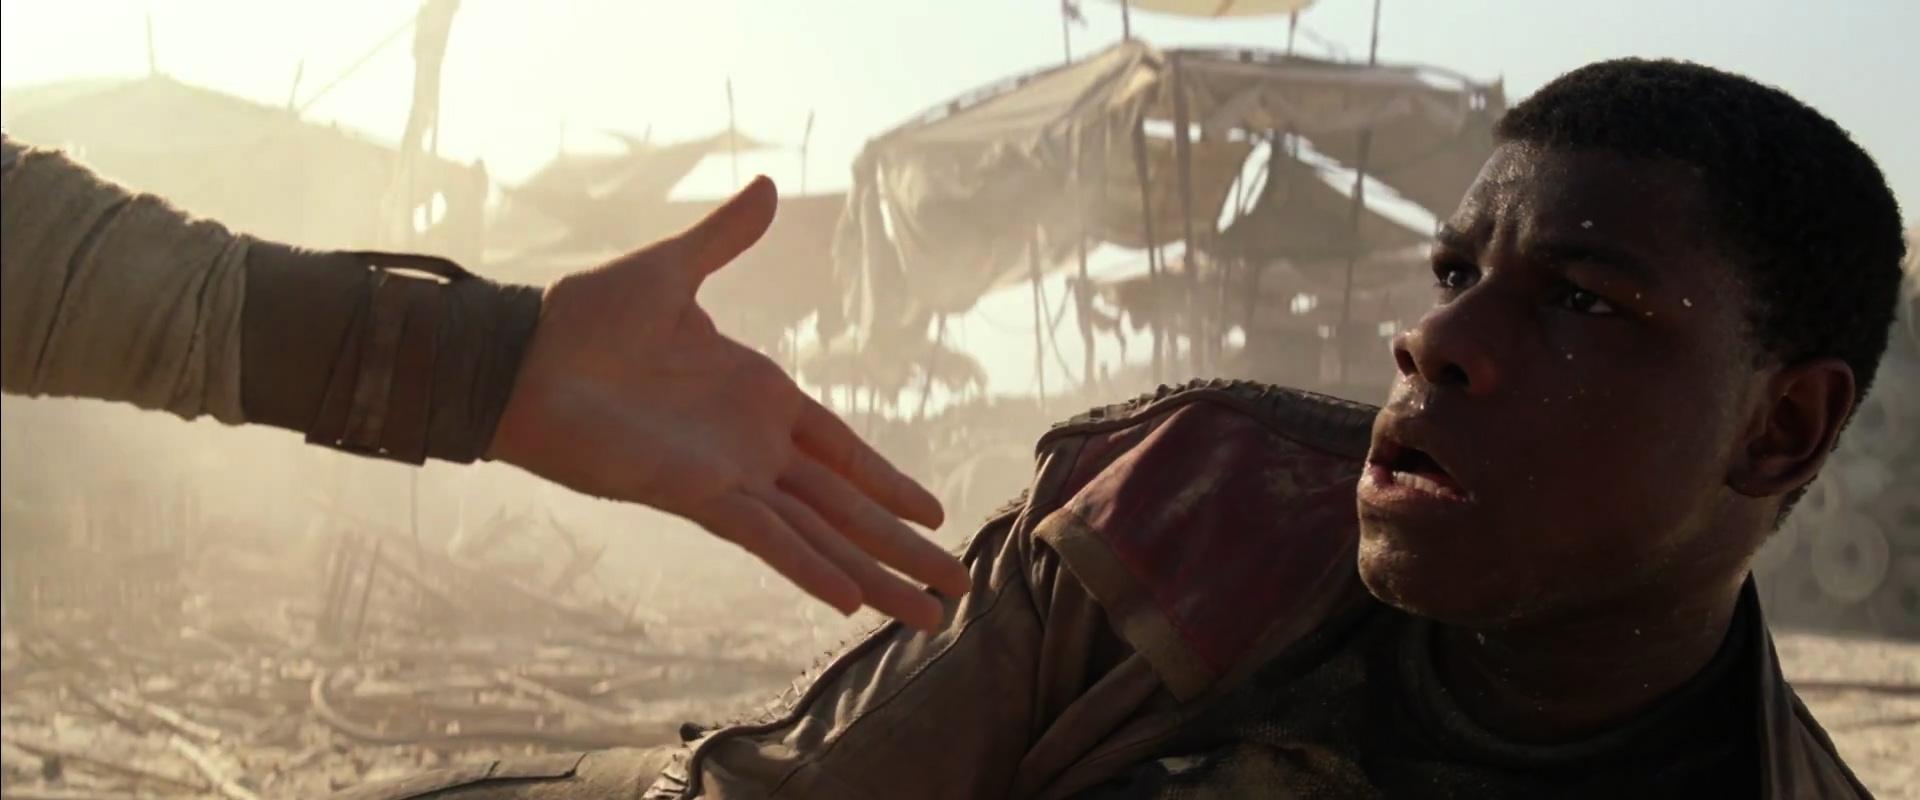 Star Wars  The Force Awakens Official Teaser #2 2031.jpg